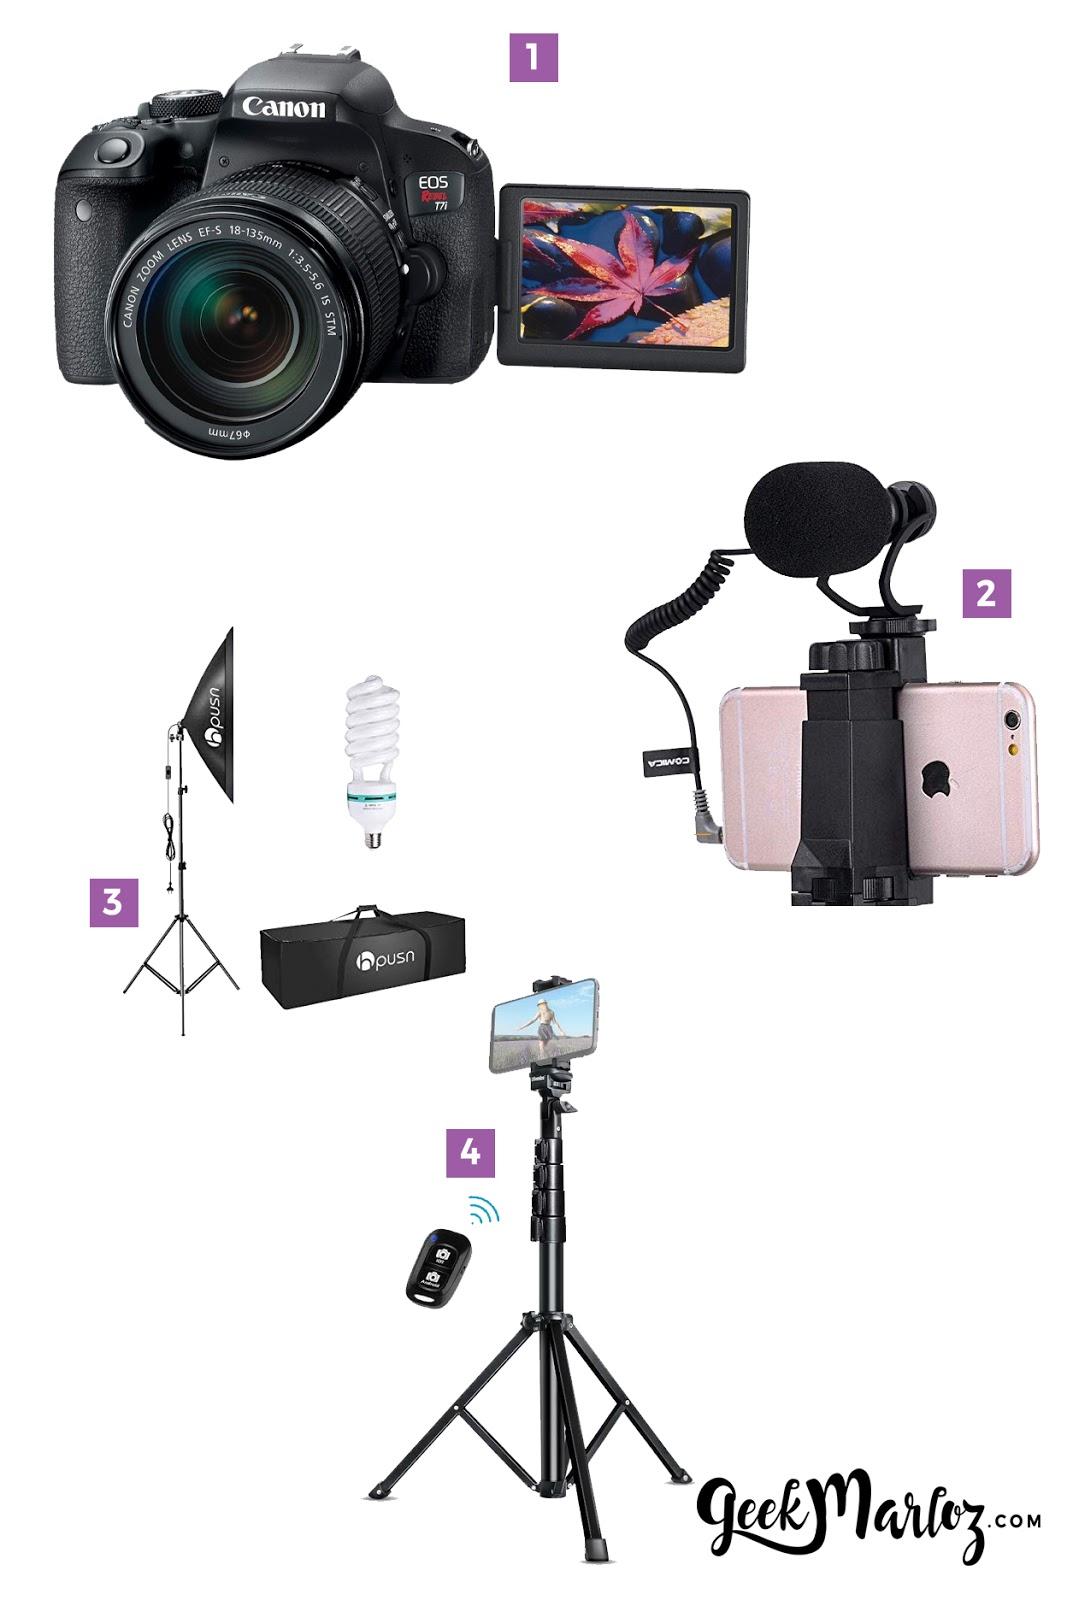 GeekMarloz | Cómo ser YouTuber: Equipo técnico básico para ser YouTuber